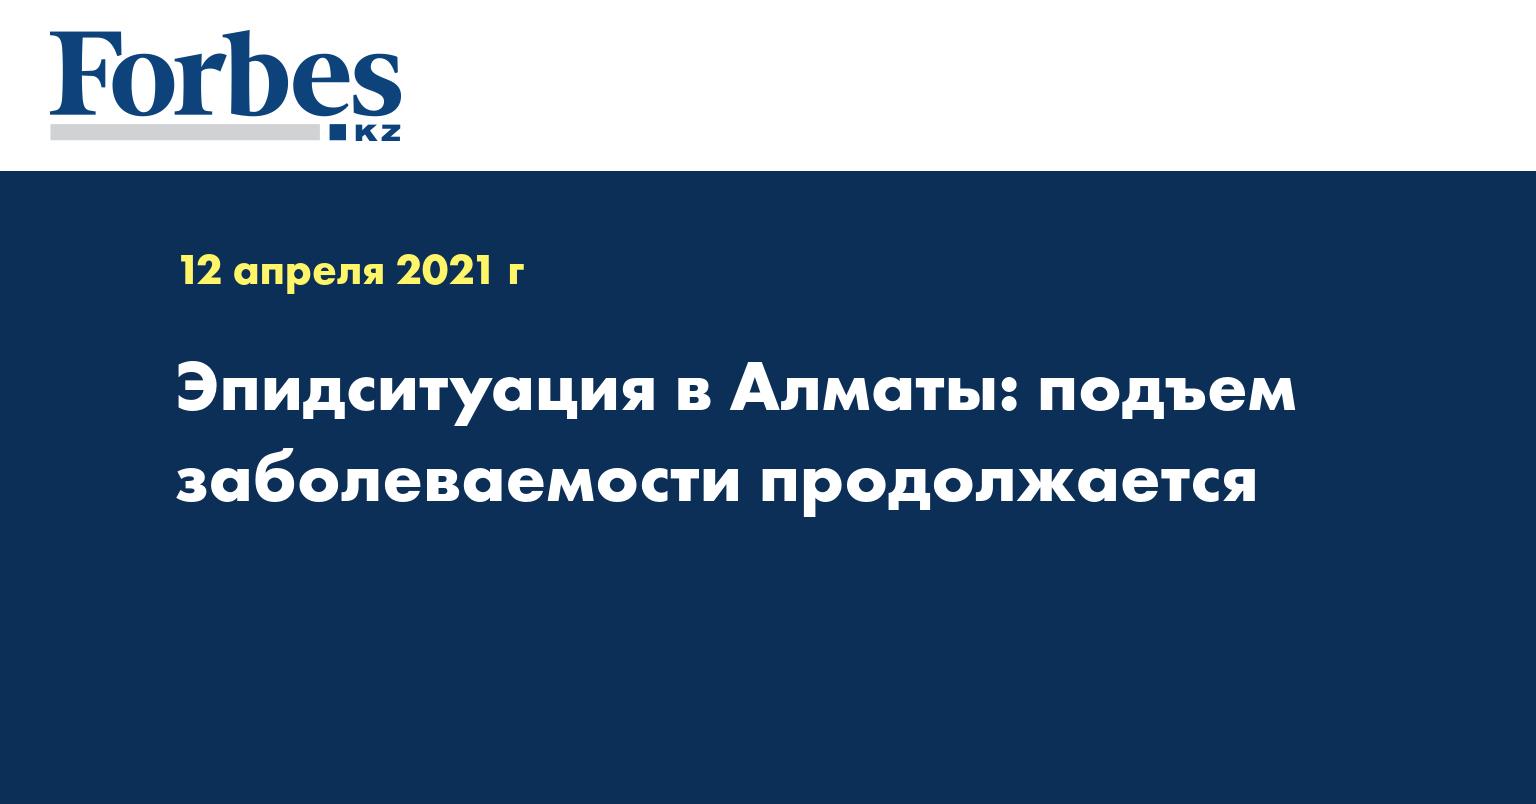 Эпидситуация в Алматы: подъем заболеваемости продолжается